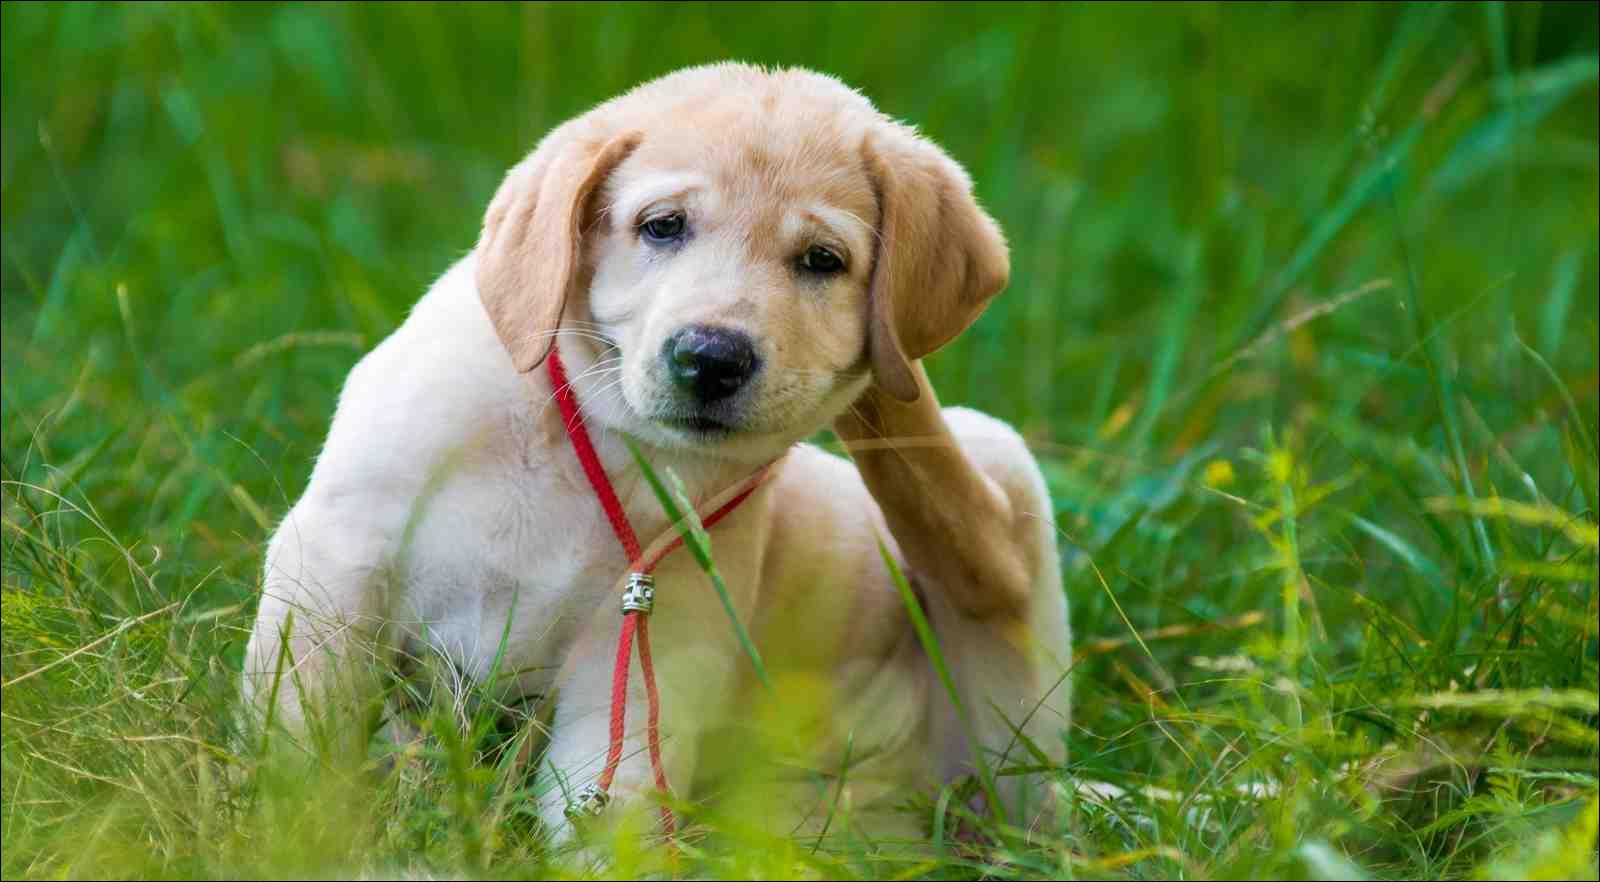 Puppy Retriever Scratching ear